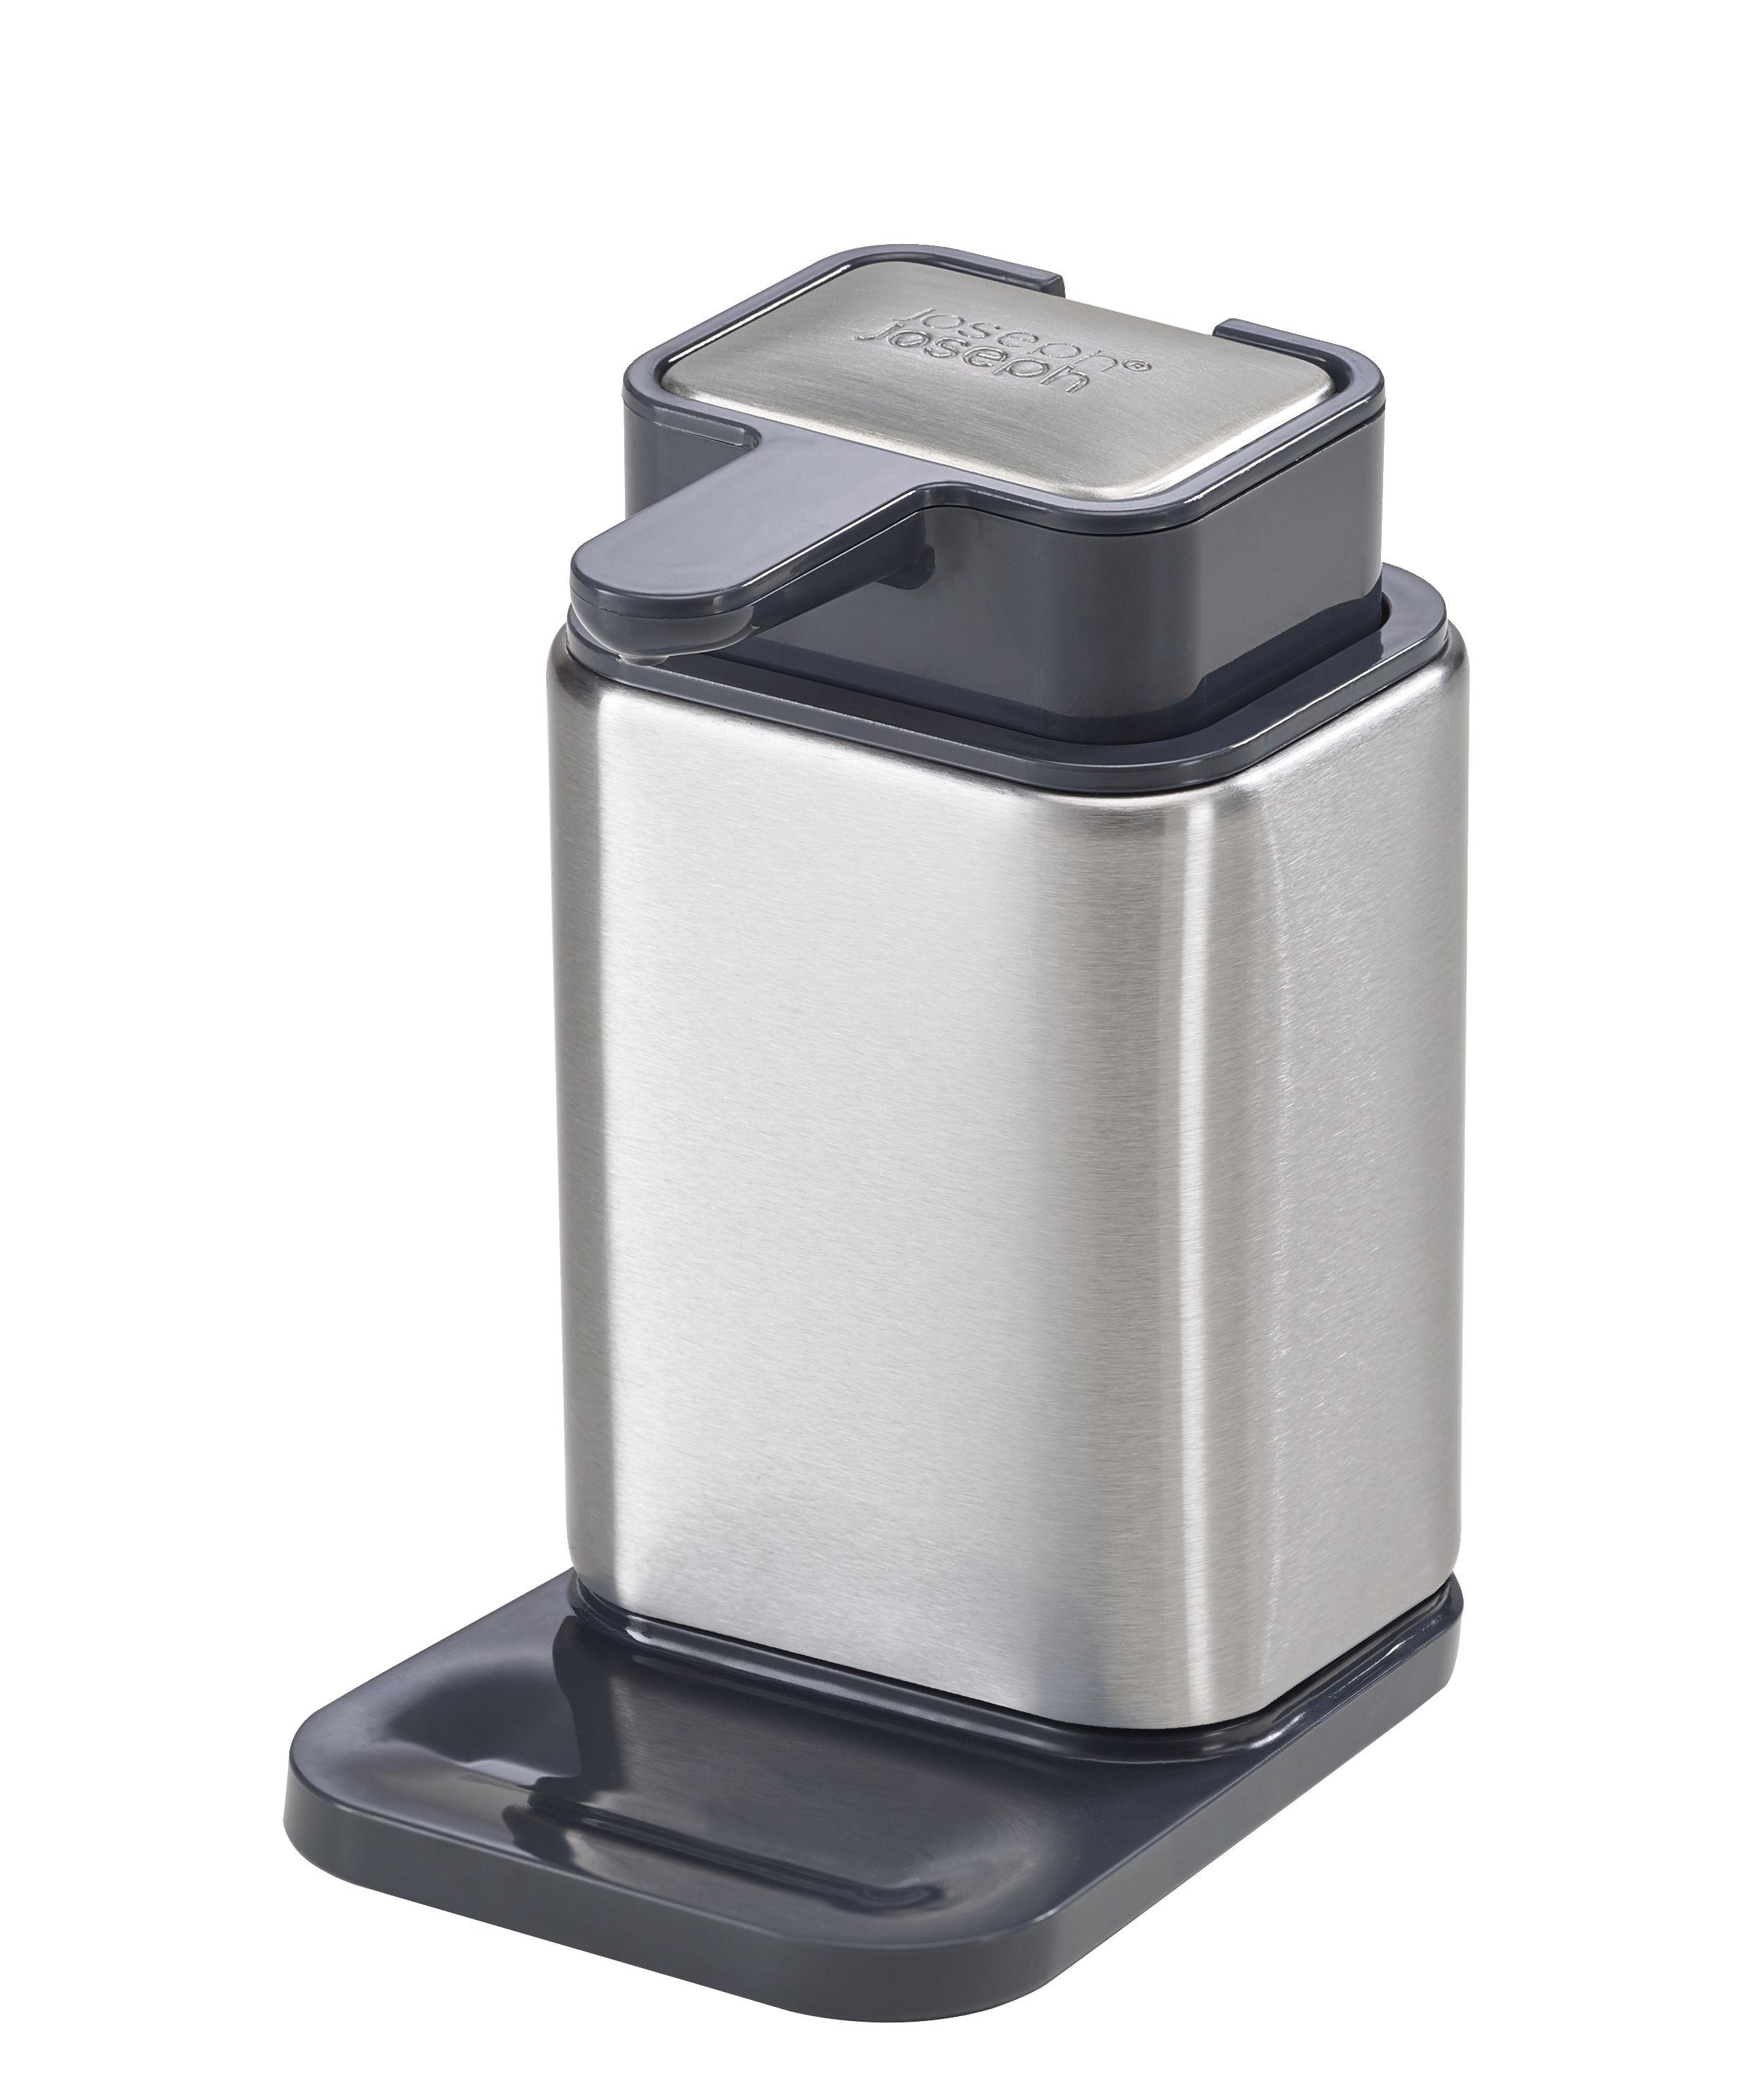 Accessoires - Accessoires salle de bains - Distributeur de savon Surface / Savon en acier intégré - Joseph Joseph - Acier & noir - Acier inoxydable, Matière plastique